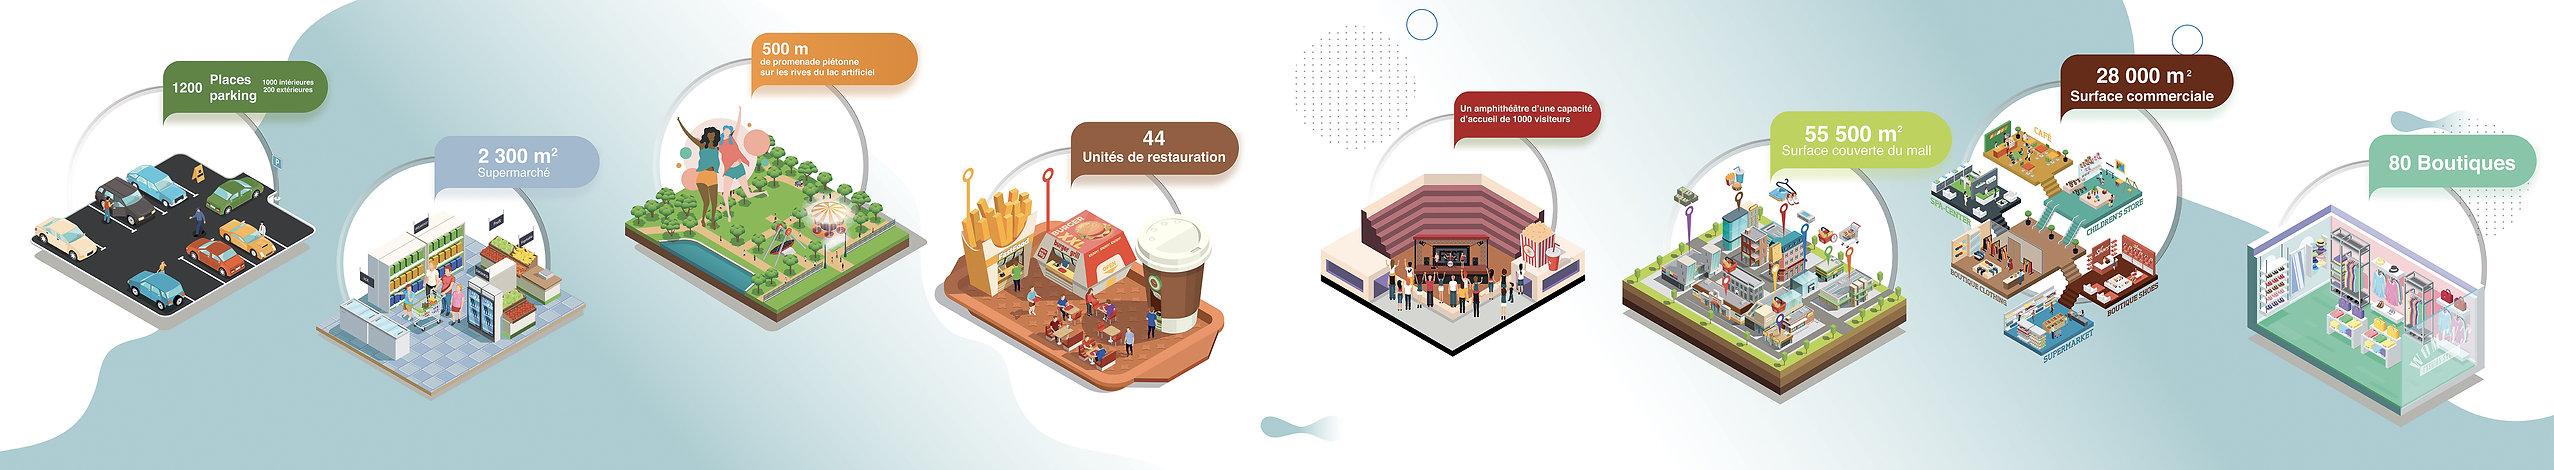 siite_Plan de travail 1.jpg